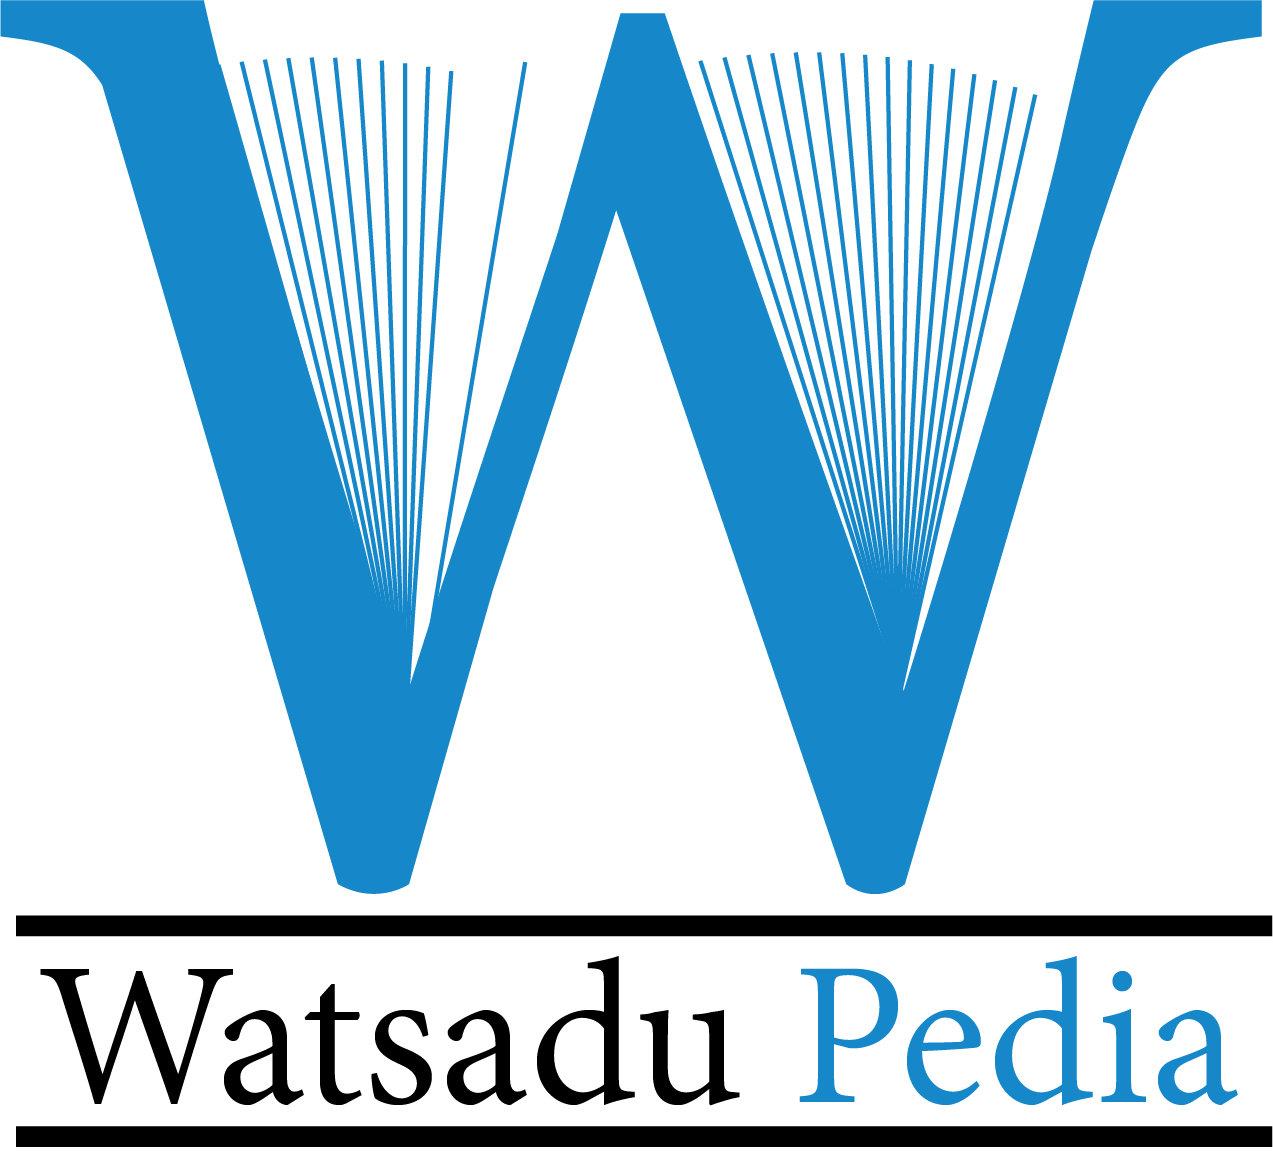 เปิดตัวแหล่งรวมข้อมูลวัสดุก่อสร้างของใช้ในบ้าน อาคาร ที่นี้ watsadupedia